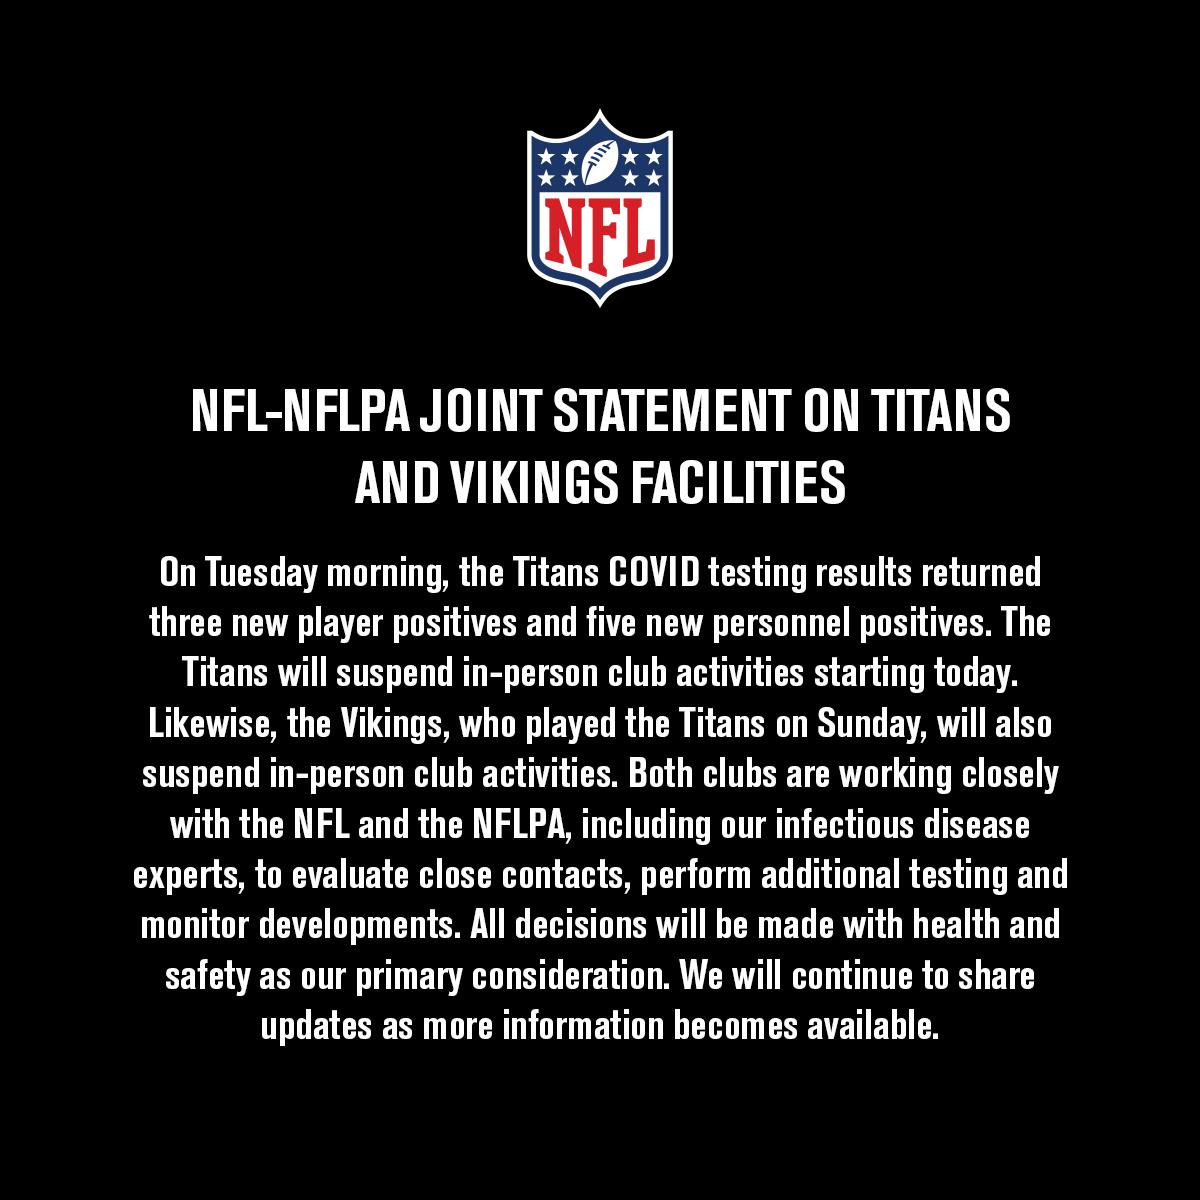 Demorou três semanas, mas o #coronavirus chegou à NFL.  Três jogadores dos Titans deram positivo, mas nenhum dos Vikings. As equipes se enfrentaram no domingo(27).  Ambas as franquias suspenderam as atividades presenciais nos centros de treinamento.